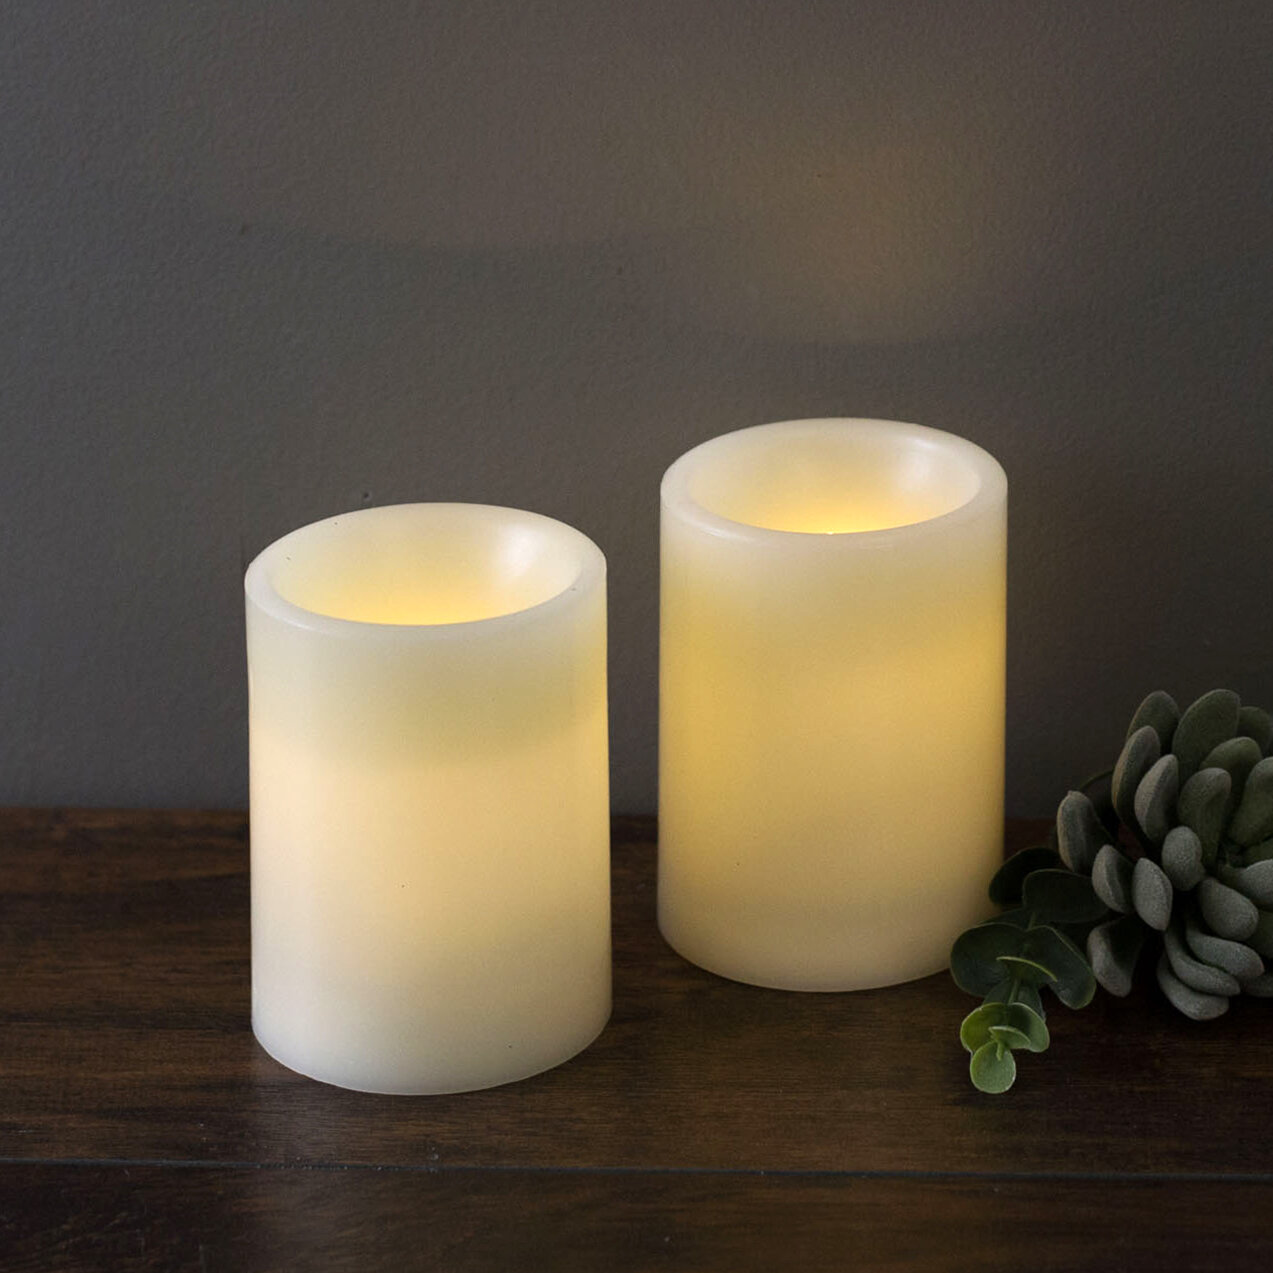 Martha Stewart 2 Piece Led Unscented Pillar Candle Set Reviews Wayfair